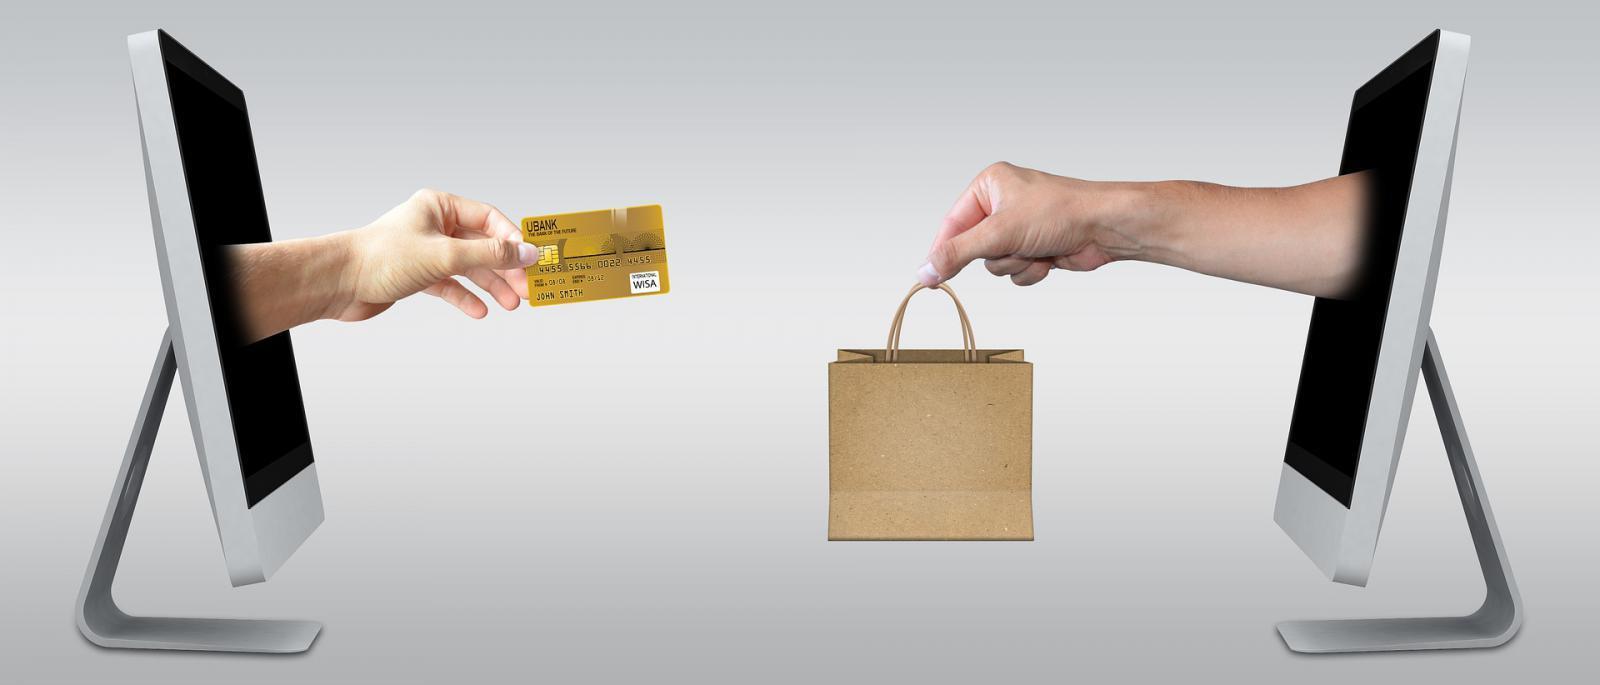 Miért vigyázz a reklámokkal? - gyors kölcsönök buktatói